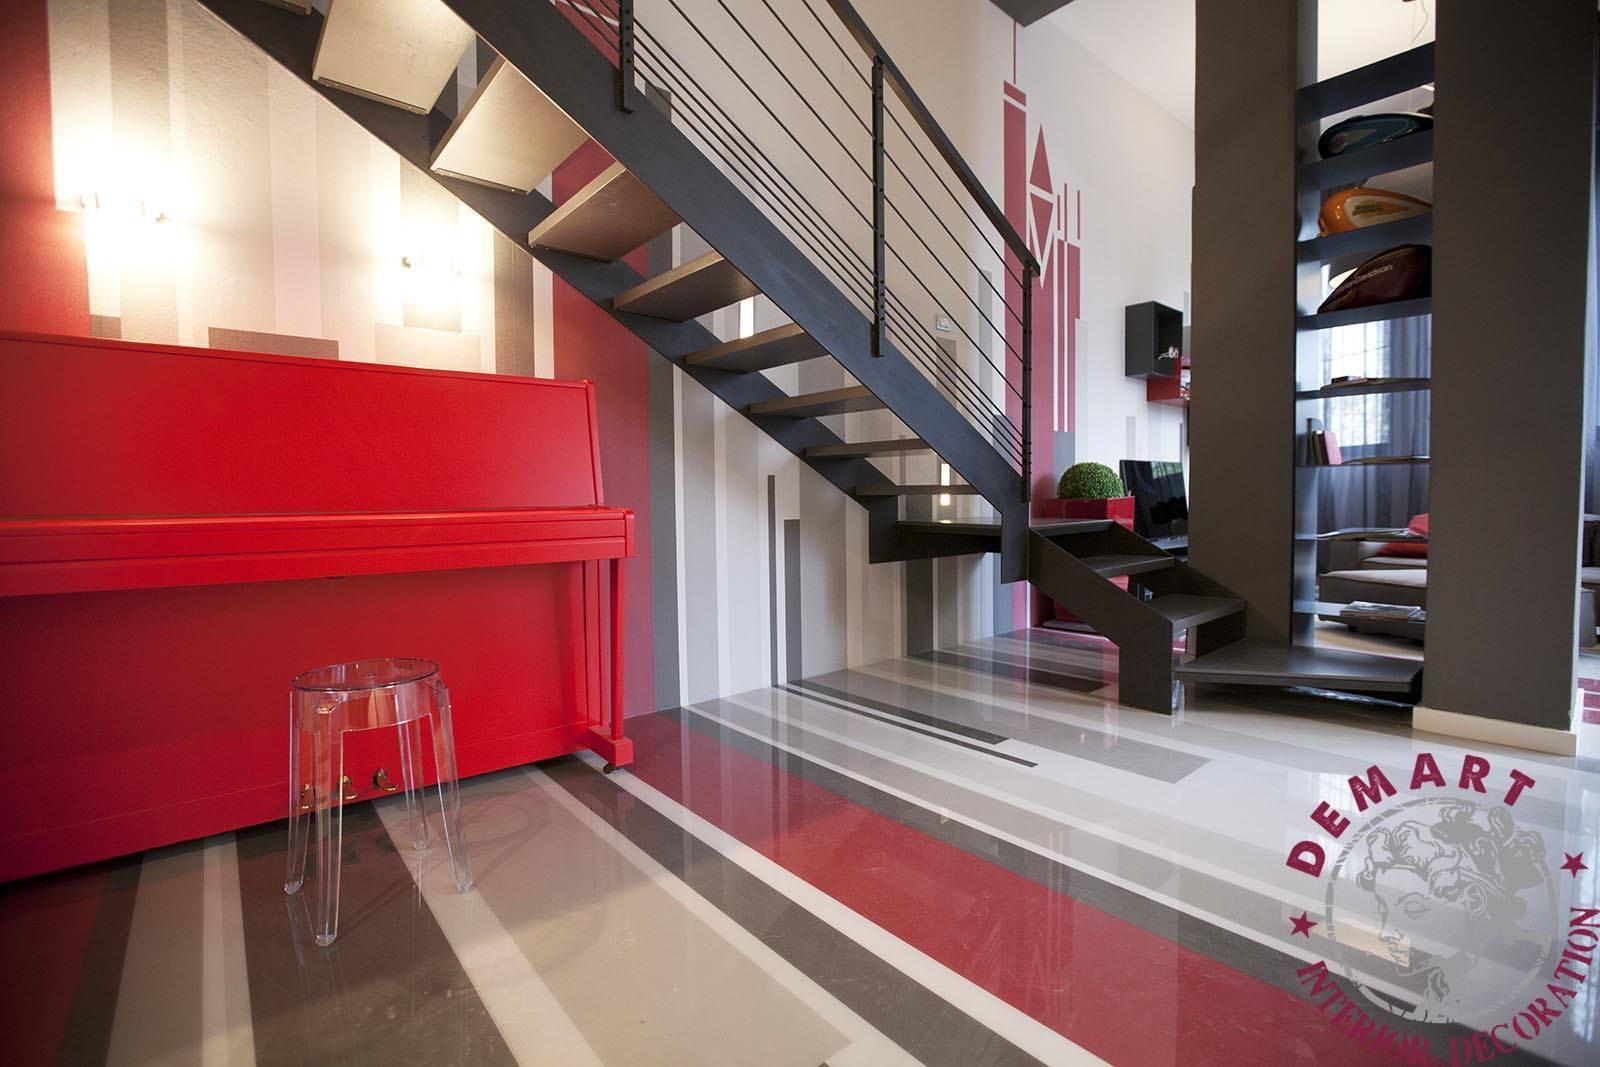 Pellicola rivestimento pianoforte per cambio casa cambio vita - Andrea castrignano interior designer ...